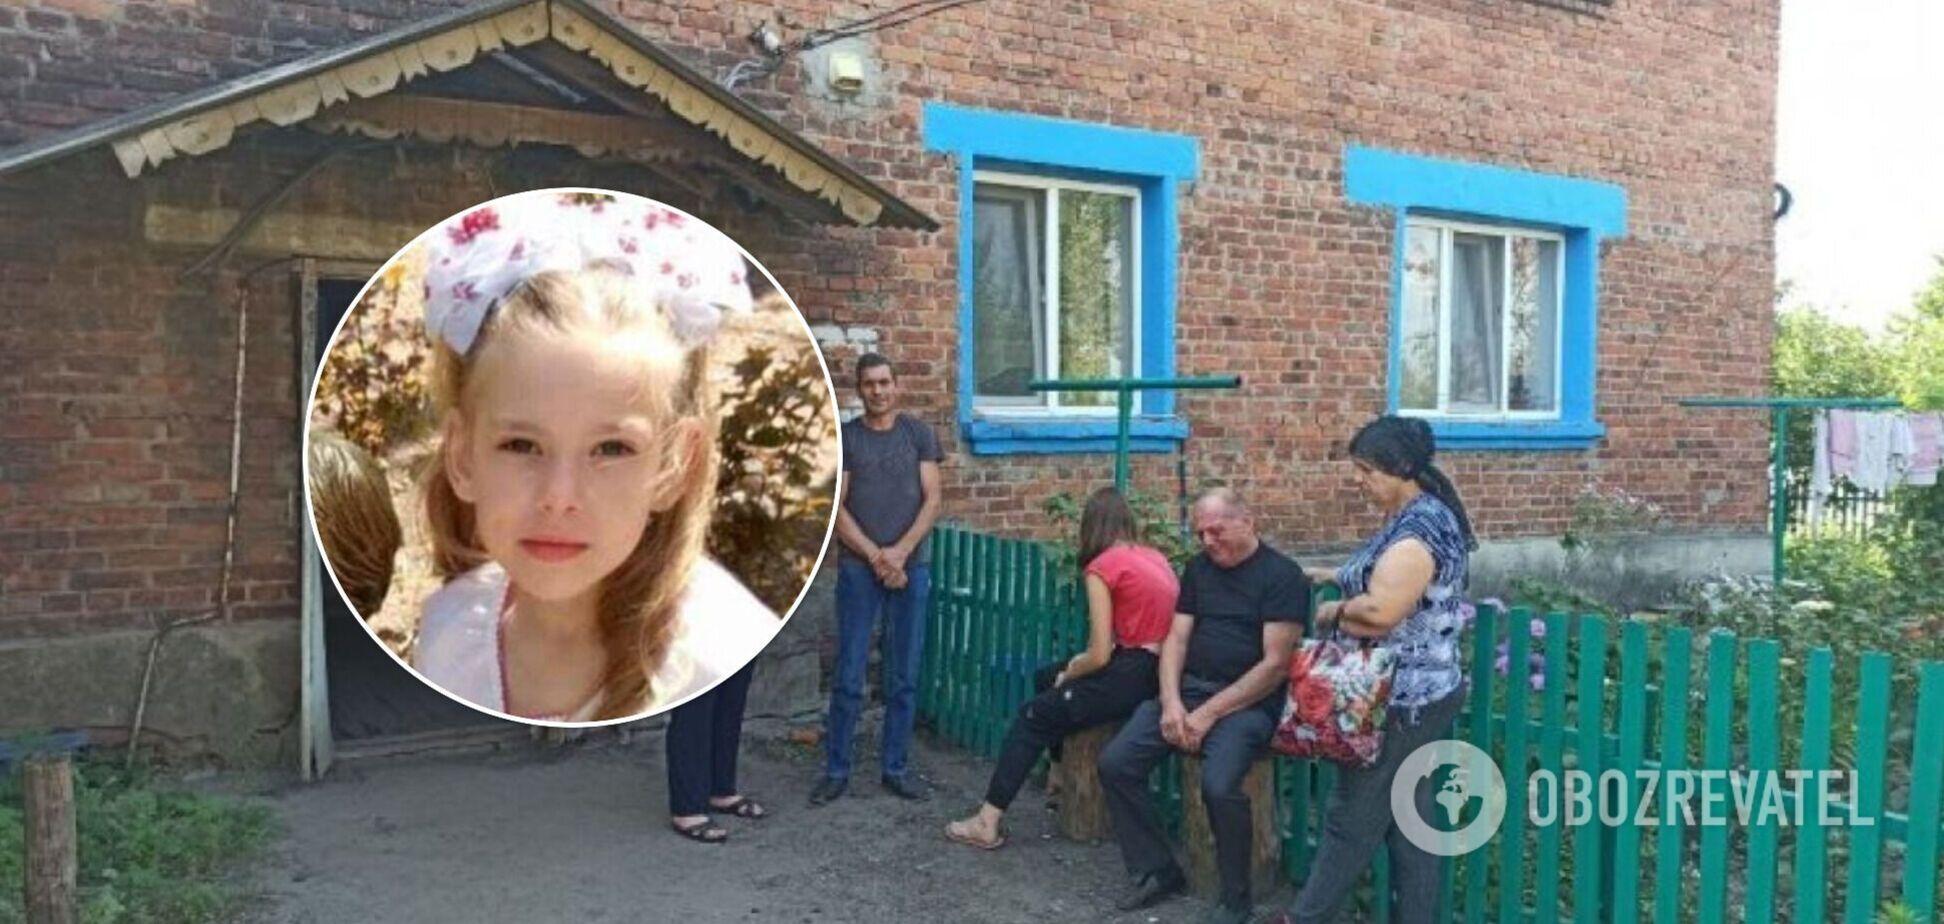 Ображав дітей, мати не реагувала: сусіди розповіли про підозрюваного у вбивстві 6-річної дівчинки на Харківщині